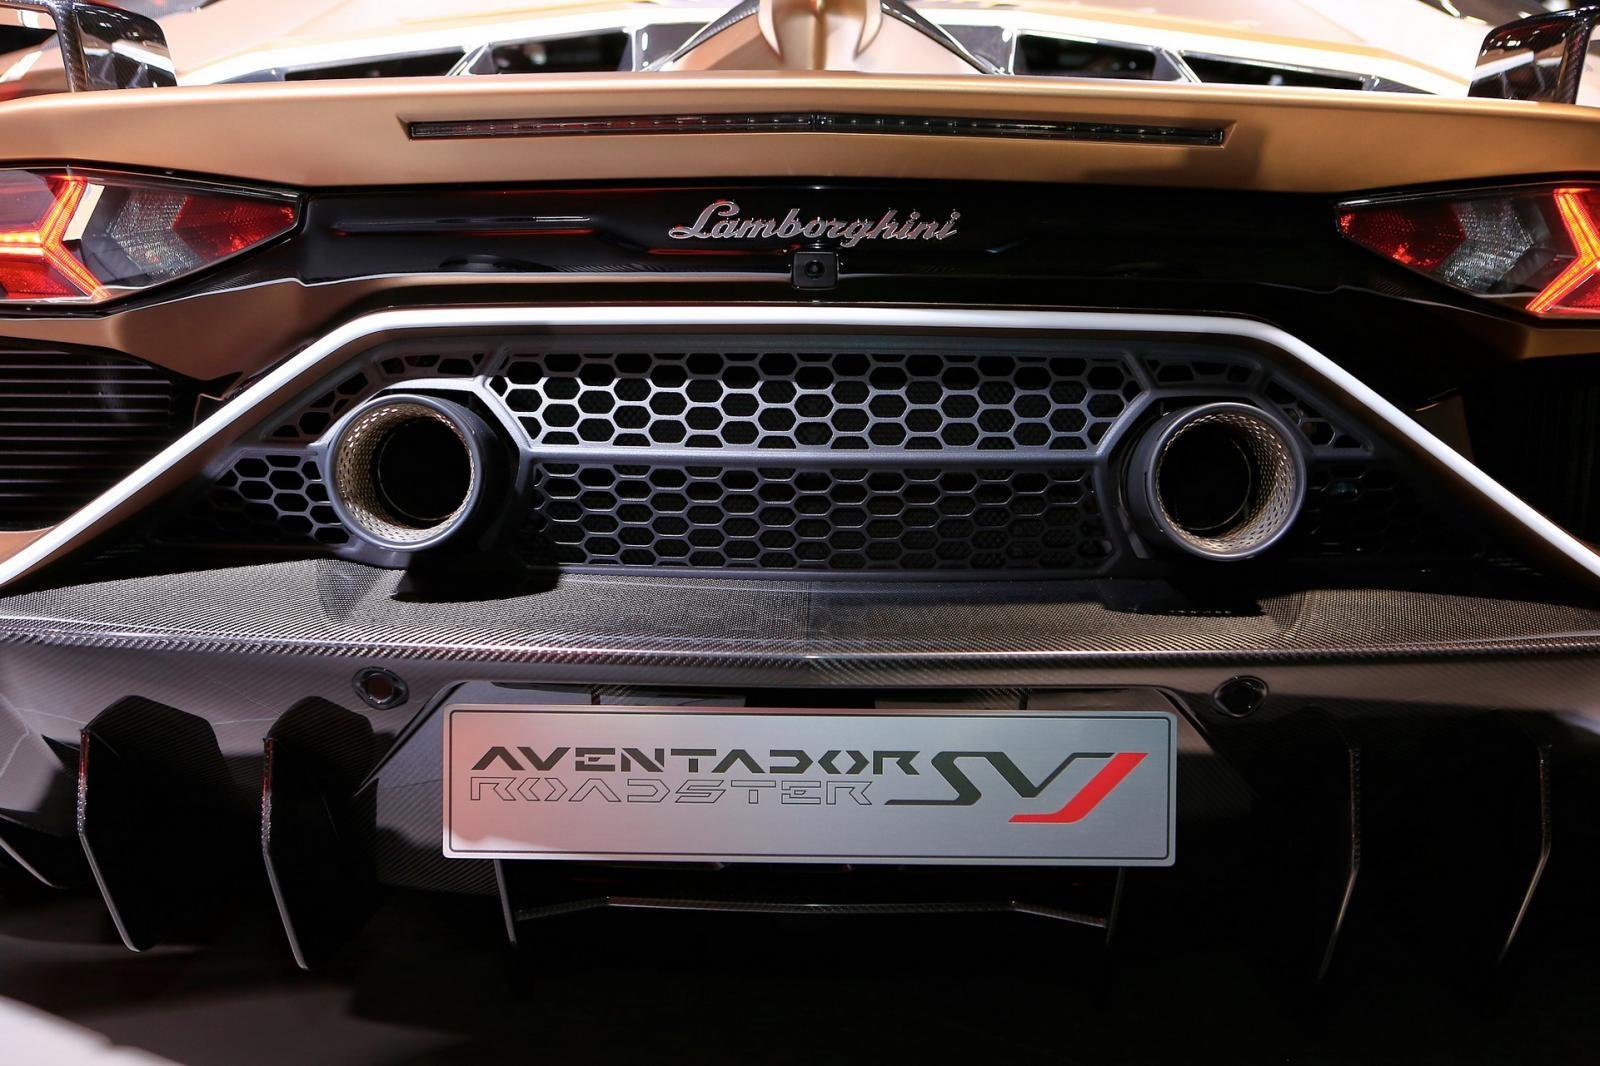 Thời gian tăng tốc 0-100 km/h của Lamborghini Aventador SVJ Roadster chậm hơn 0,1 giây so với bản Coupe